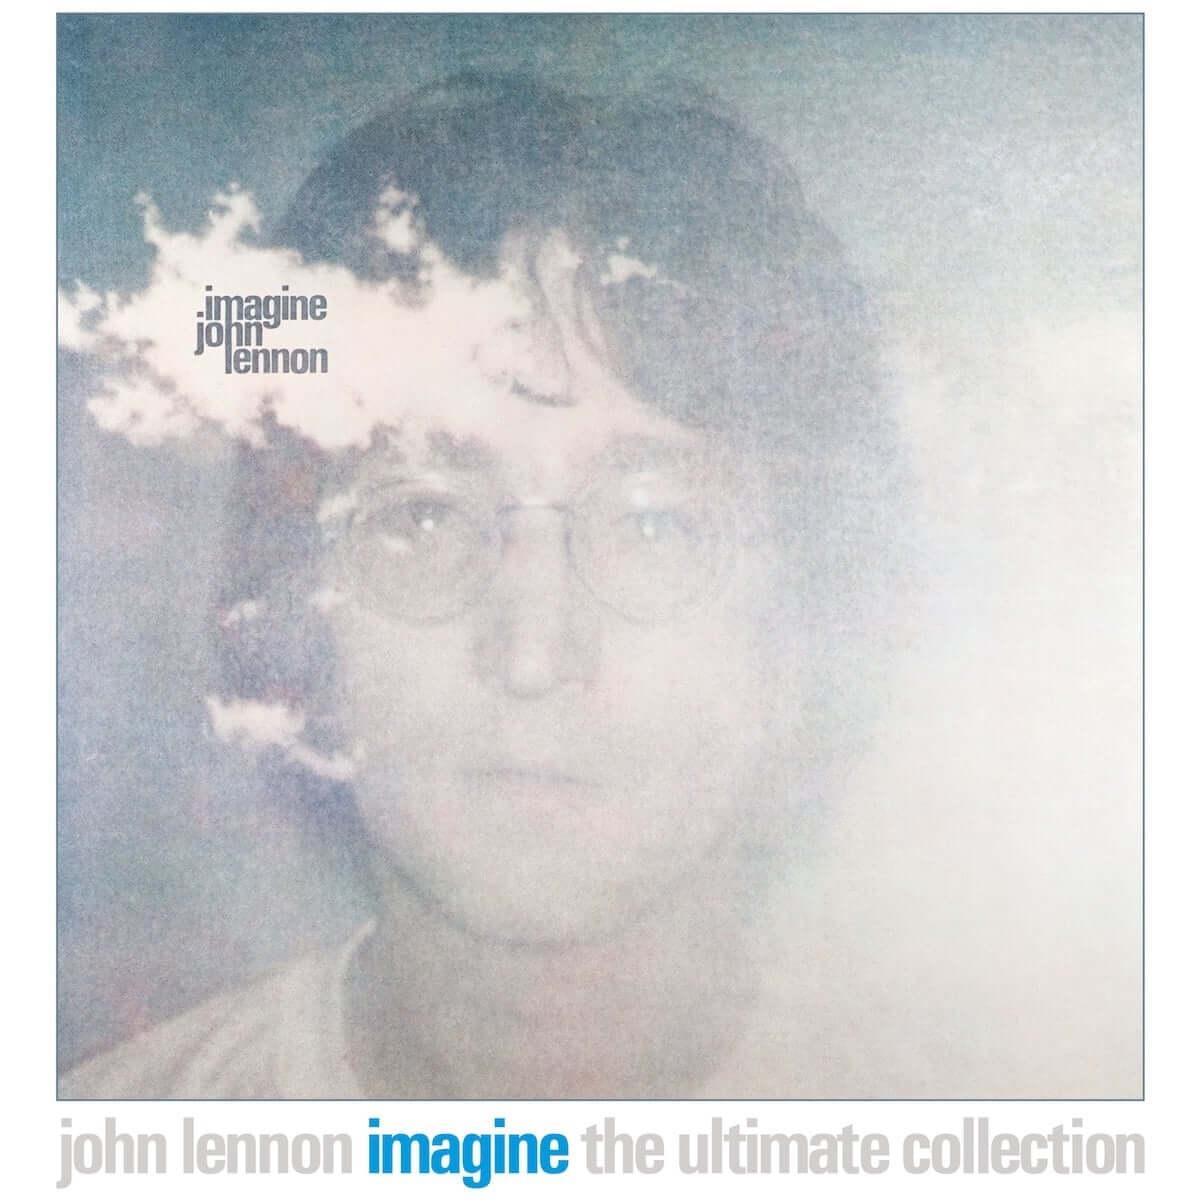 『イマジン』制作の背景からジョン・レノンの本質を探る。『イマジン:アルティメイト・コレクション』リリース記念考察 imagine-pickup_005-1200x1200